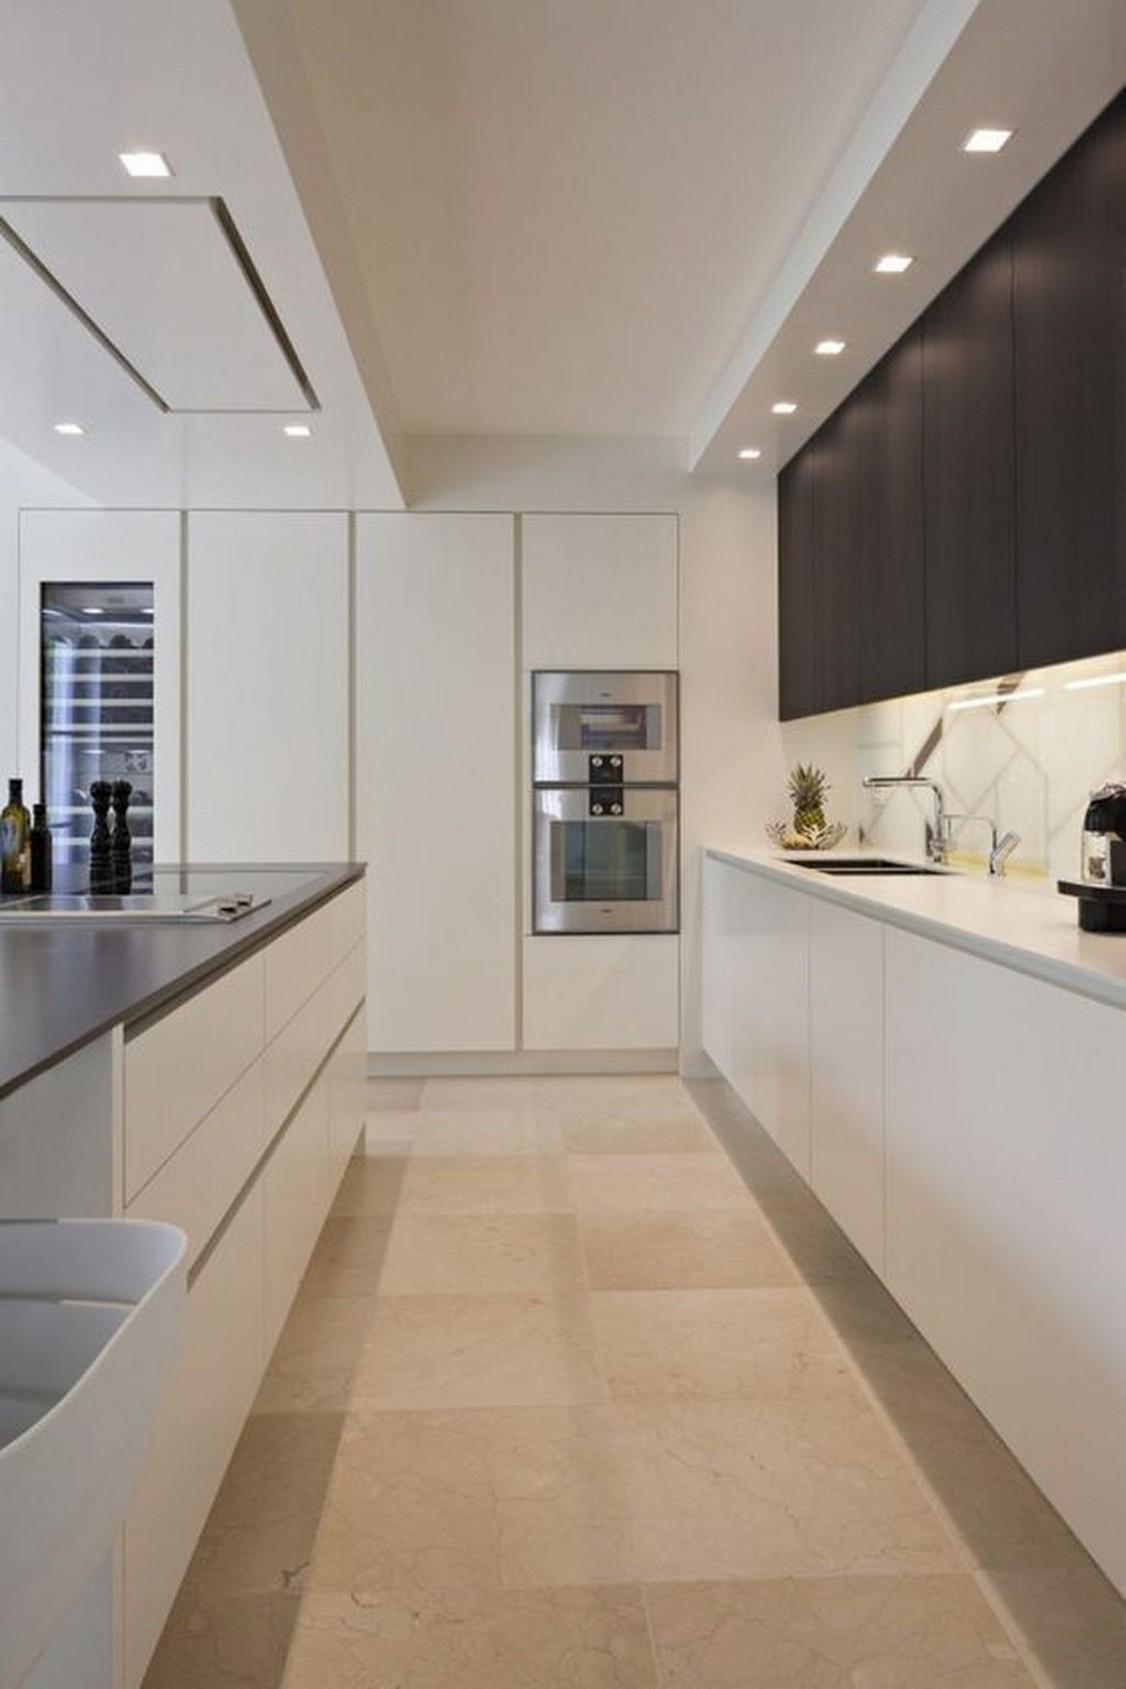 86 Modern Kitchen Ideas For Modern Kitchens Home Decor 61